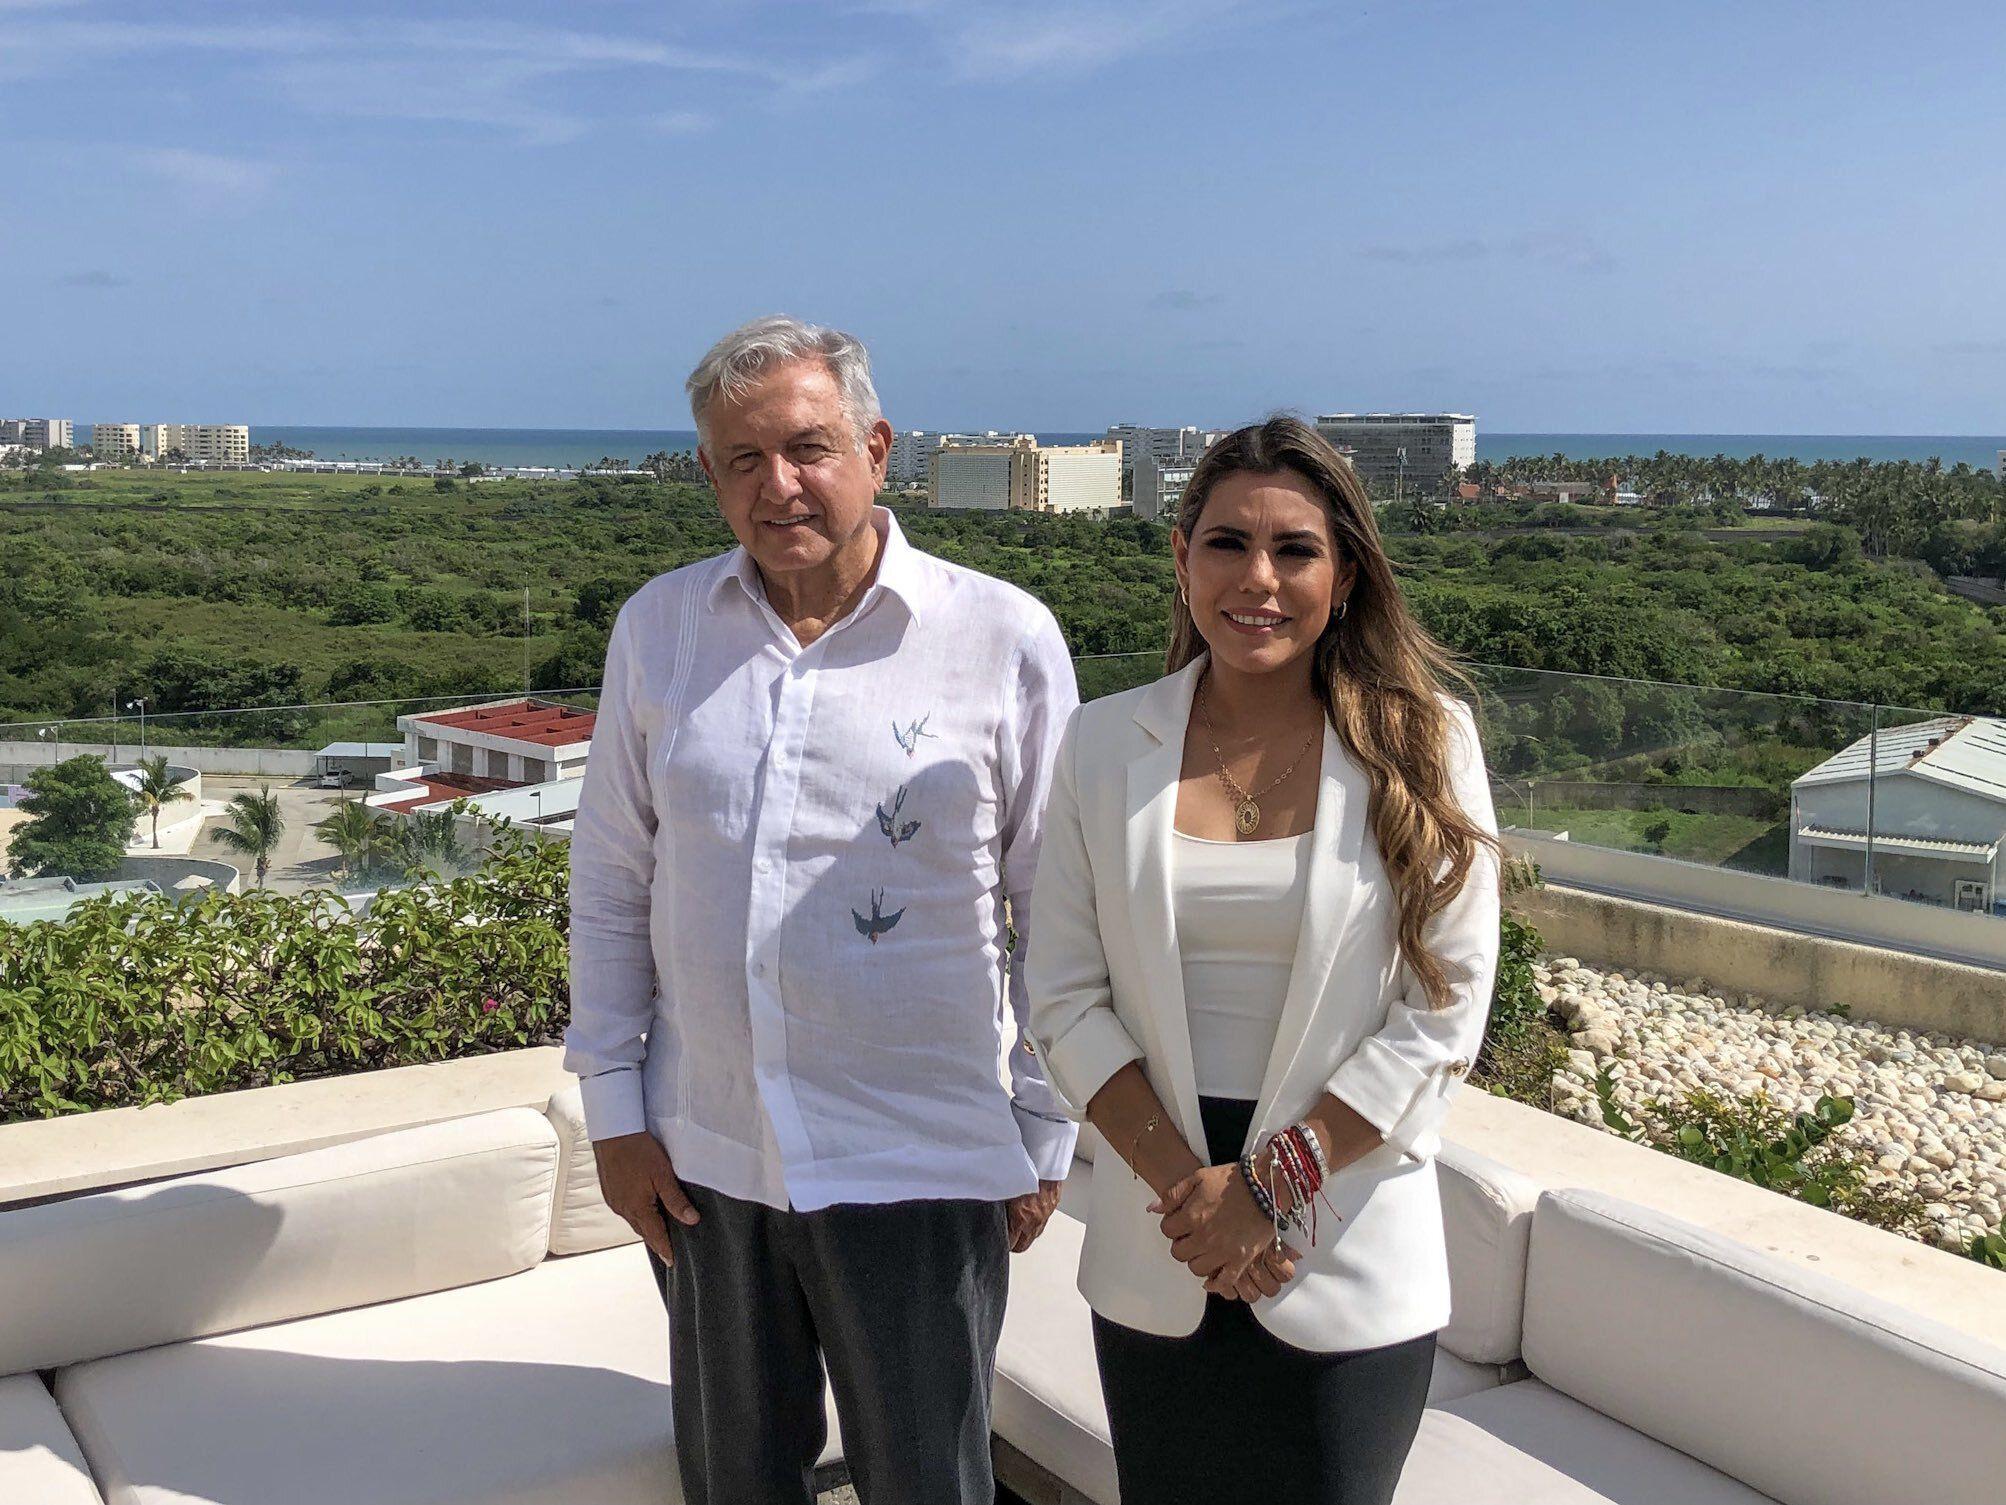 El presidente López Obrador se reunió con Evelyn Salgado, gobernadora electa de Guerrero (Foto: Twitter@lopezobrador_)